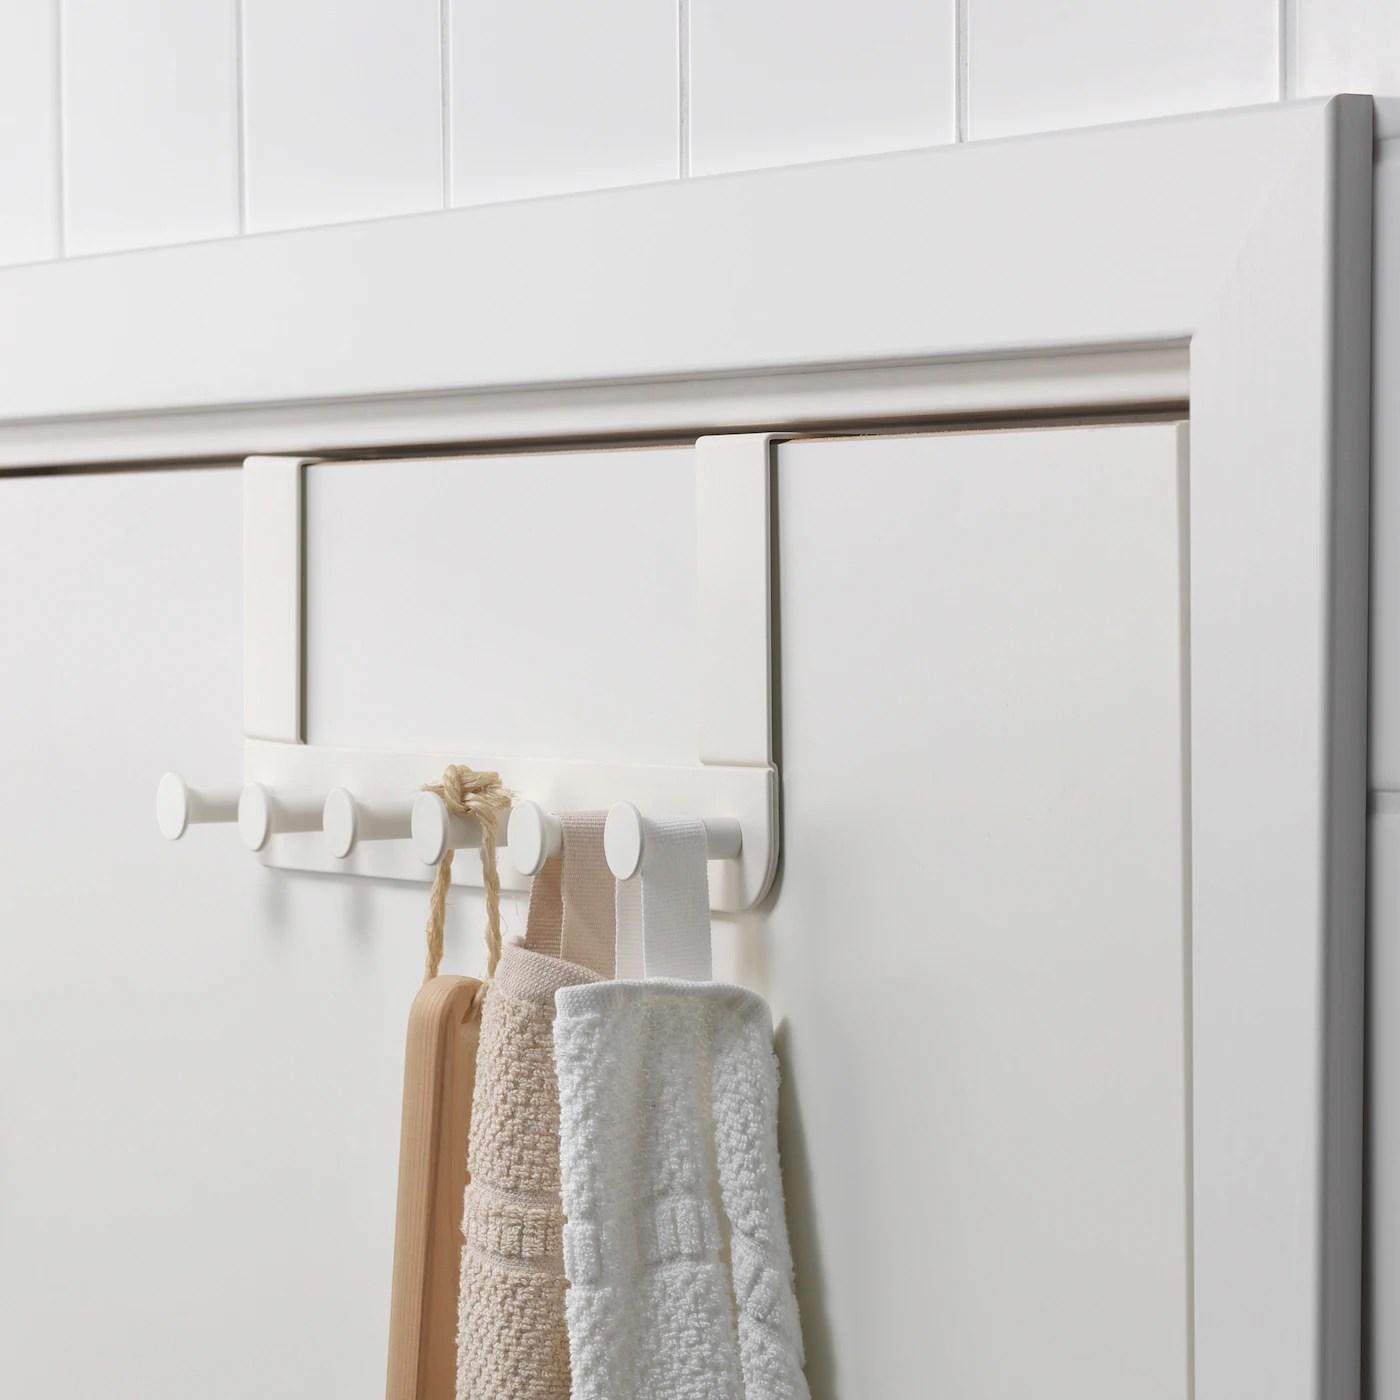 Enudden Patere Pour Porte Blanc Ikea Suisse